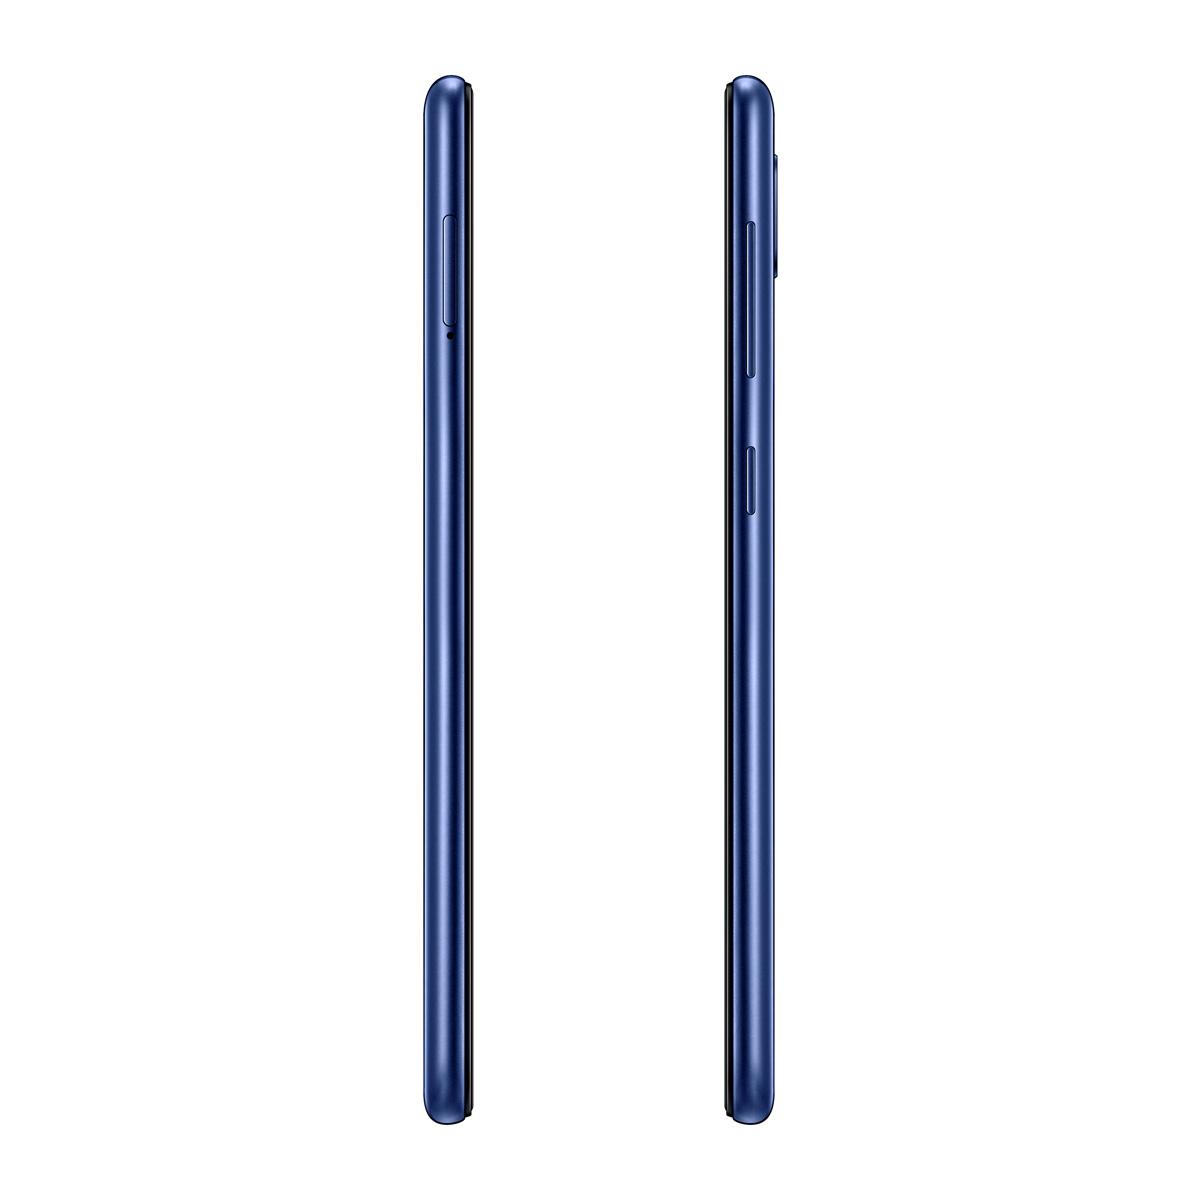 Buy Samsung Galaxy A10 - (2GB+32GB) (Blue) | Model SMG-SM